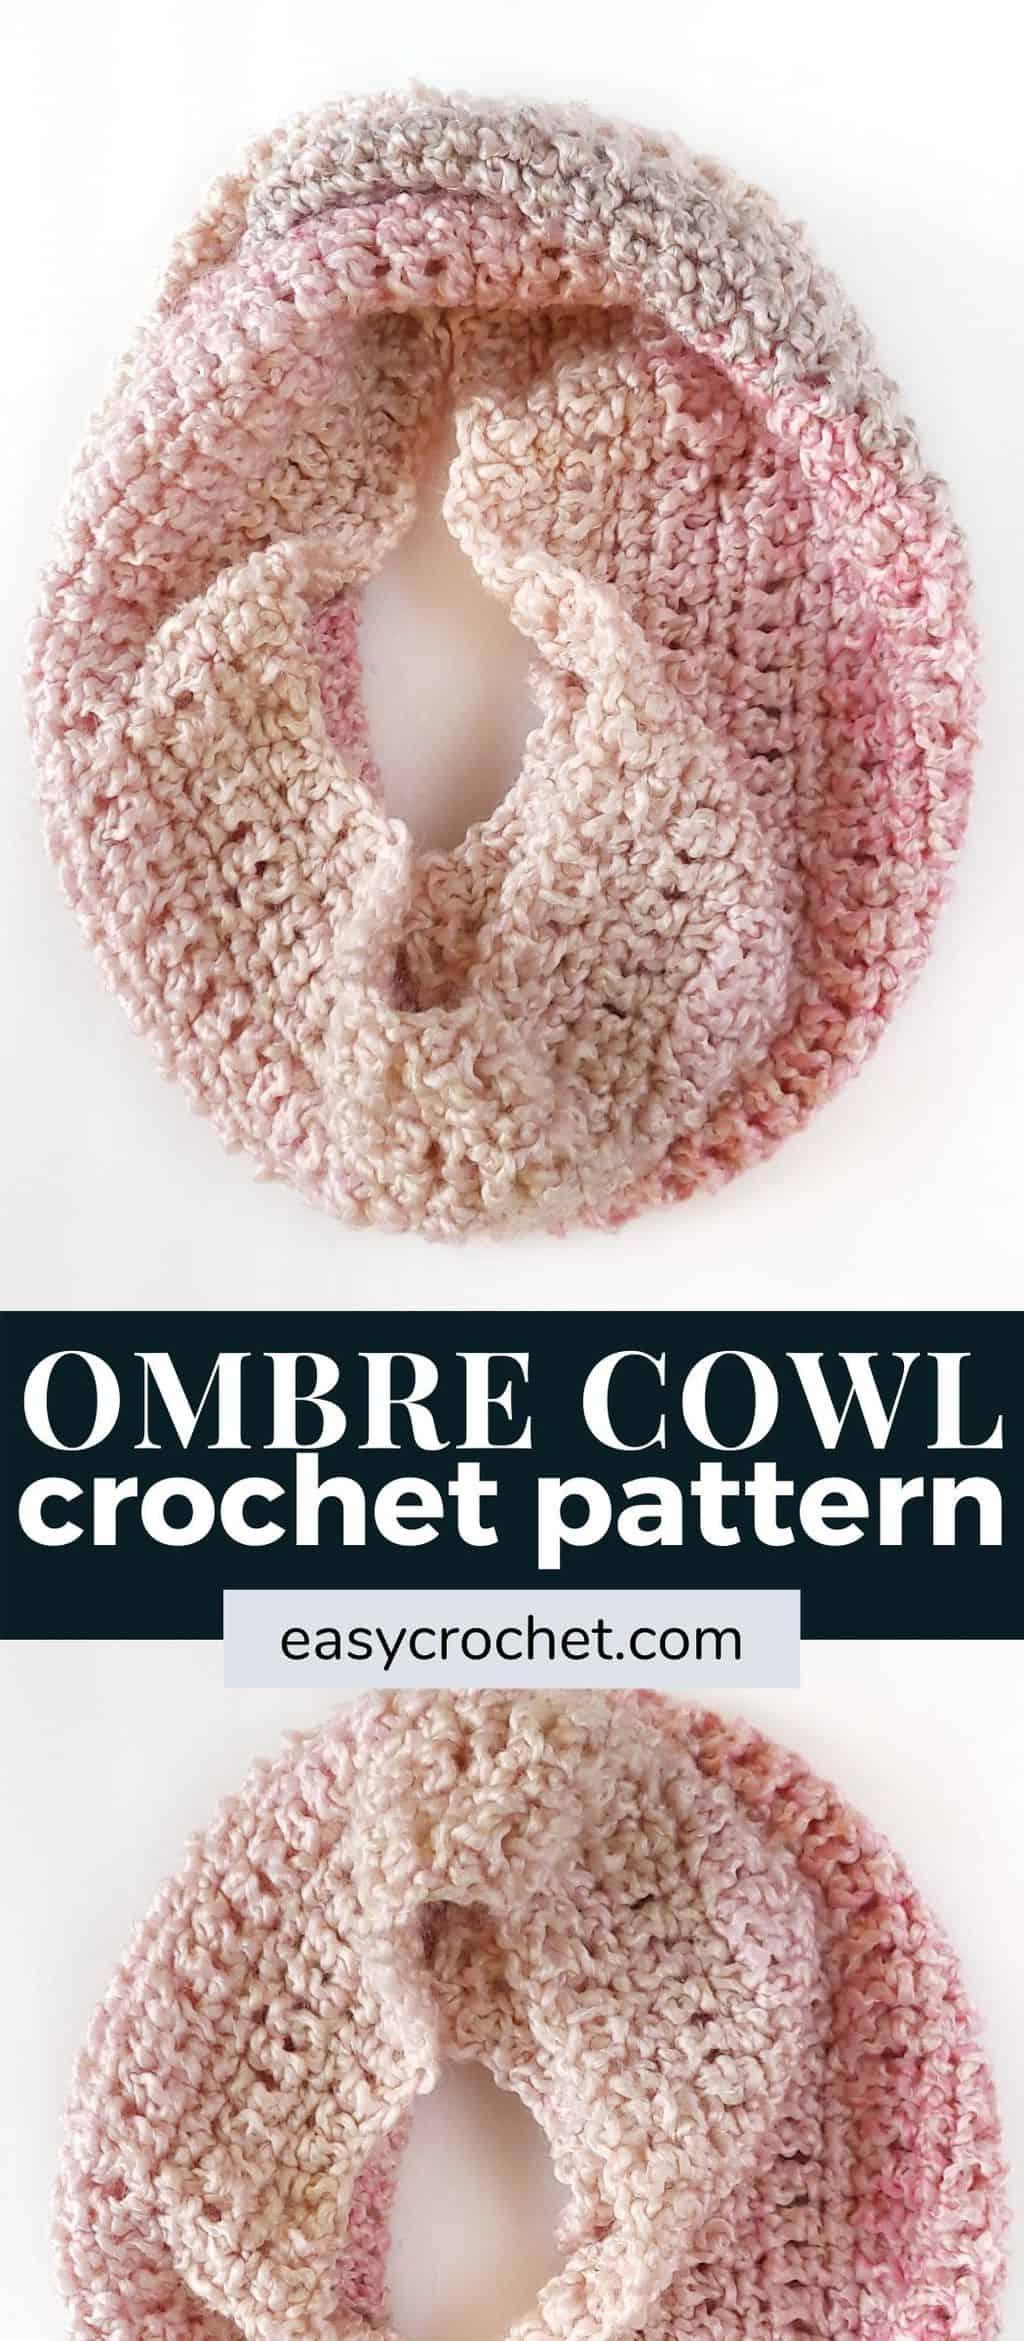 ombre cowl crochet pattern via @easycrochetcom